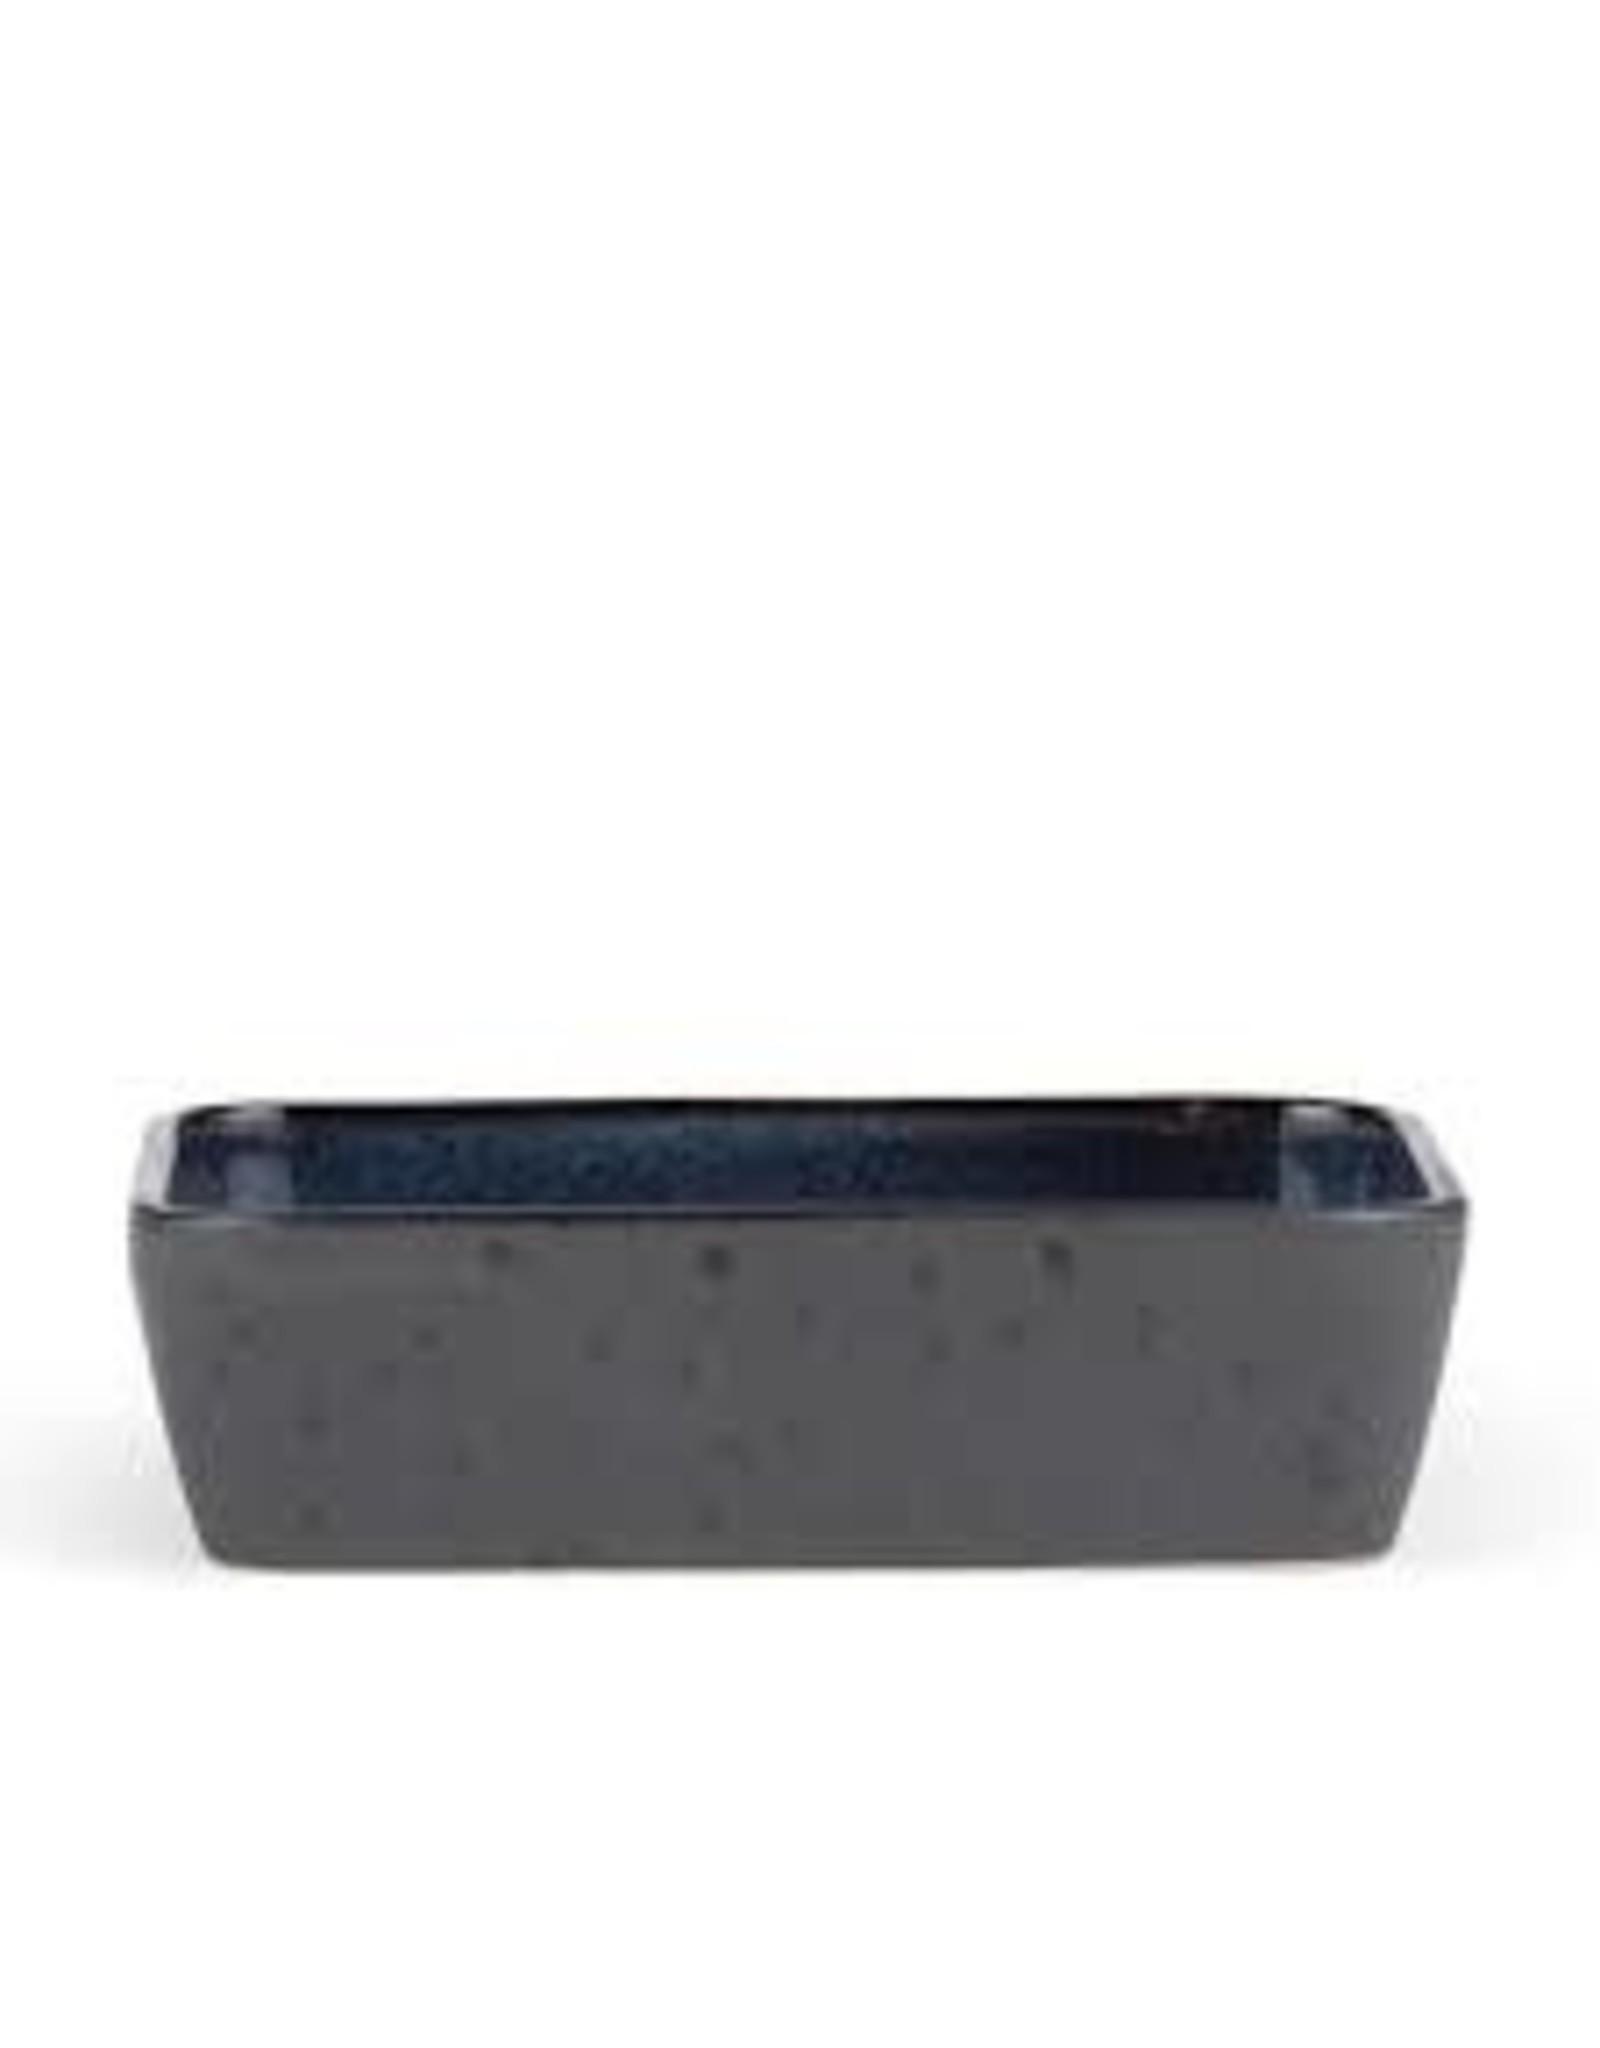 BITZ BITZ 821454 OVENSCHAAL  30X21X7.5CM BLACK/DARK BLUE